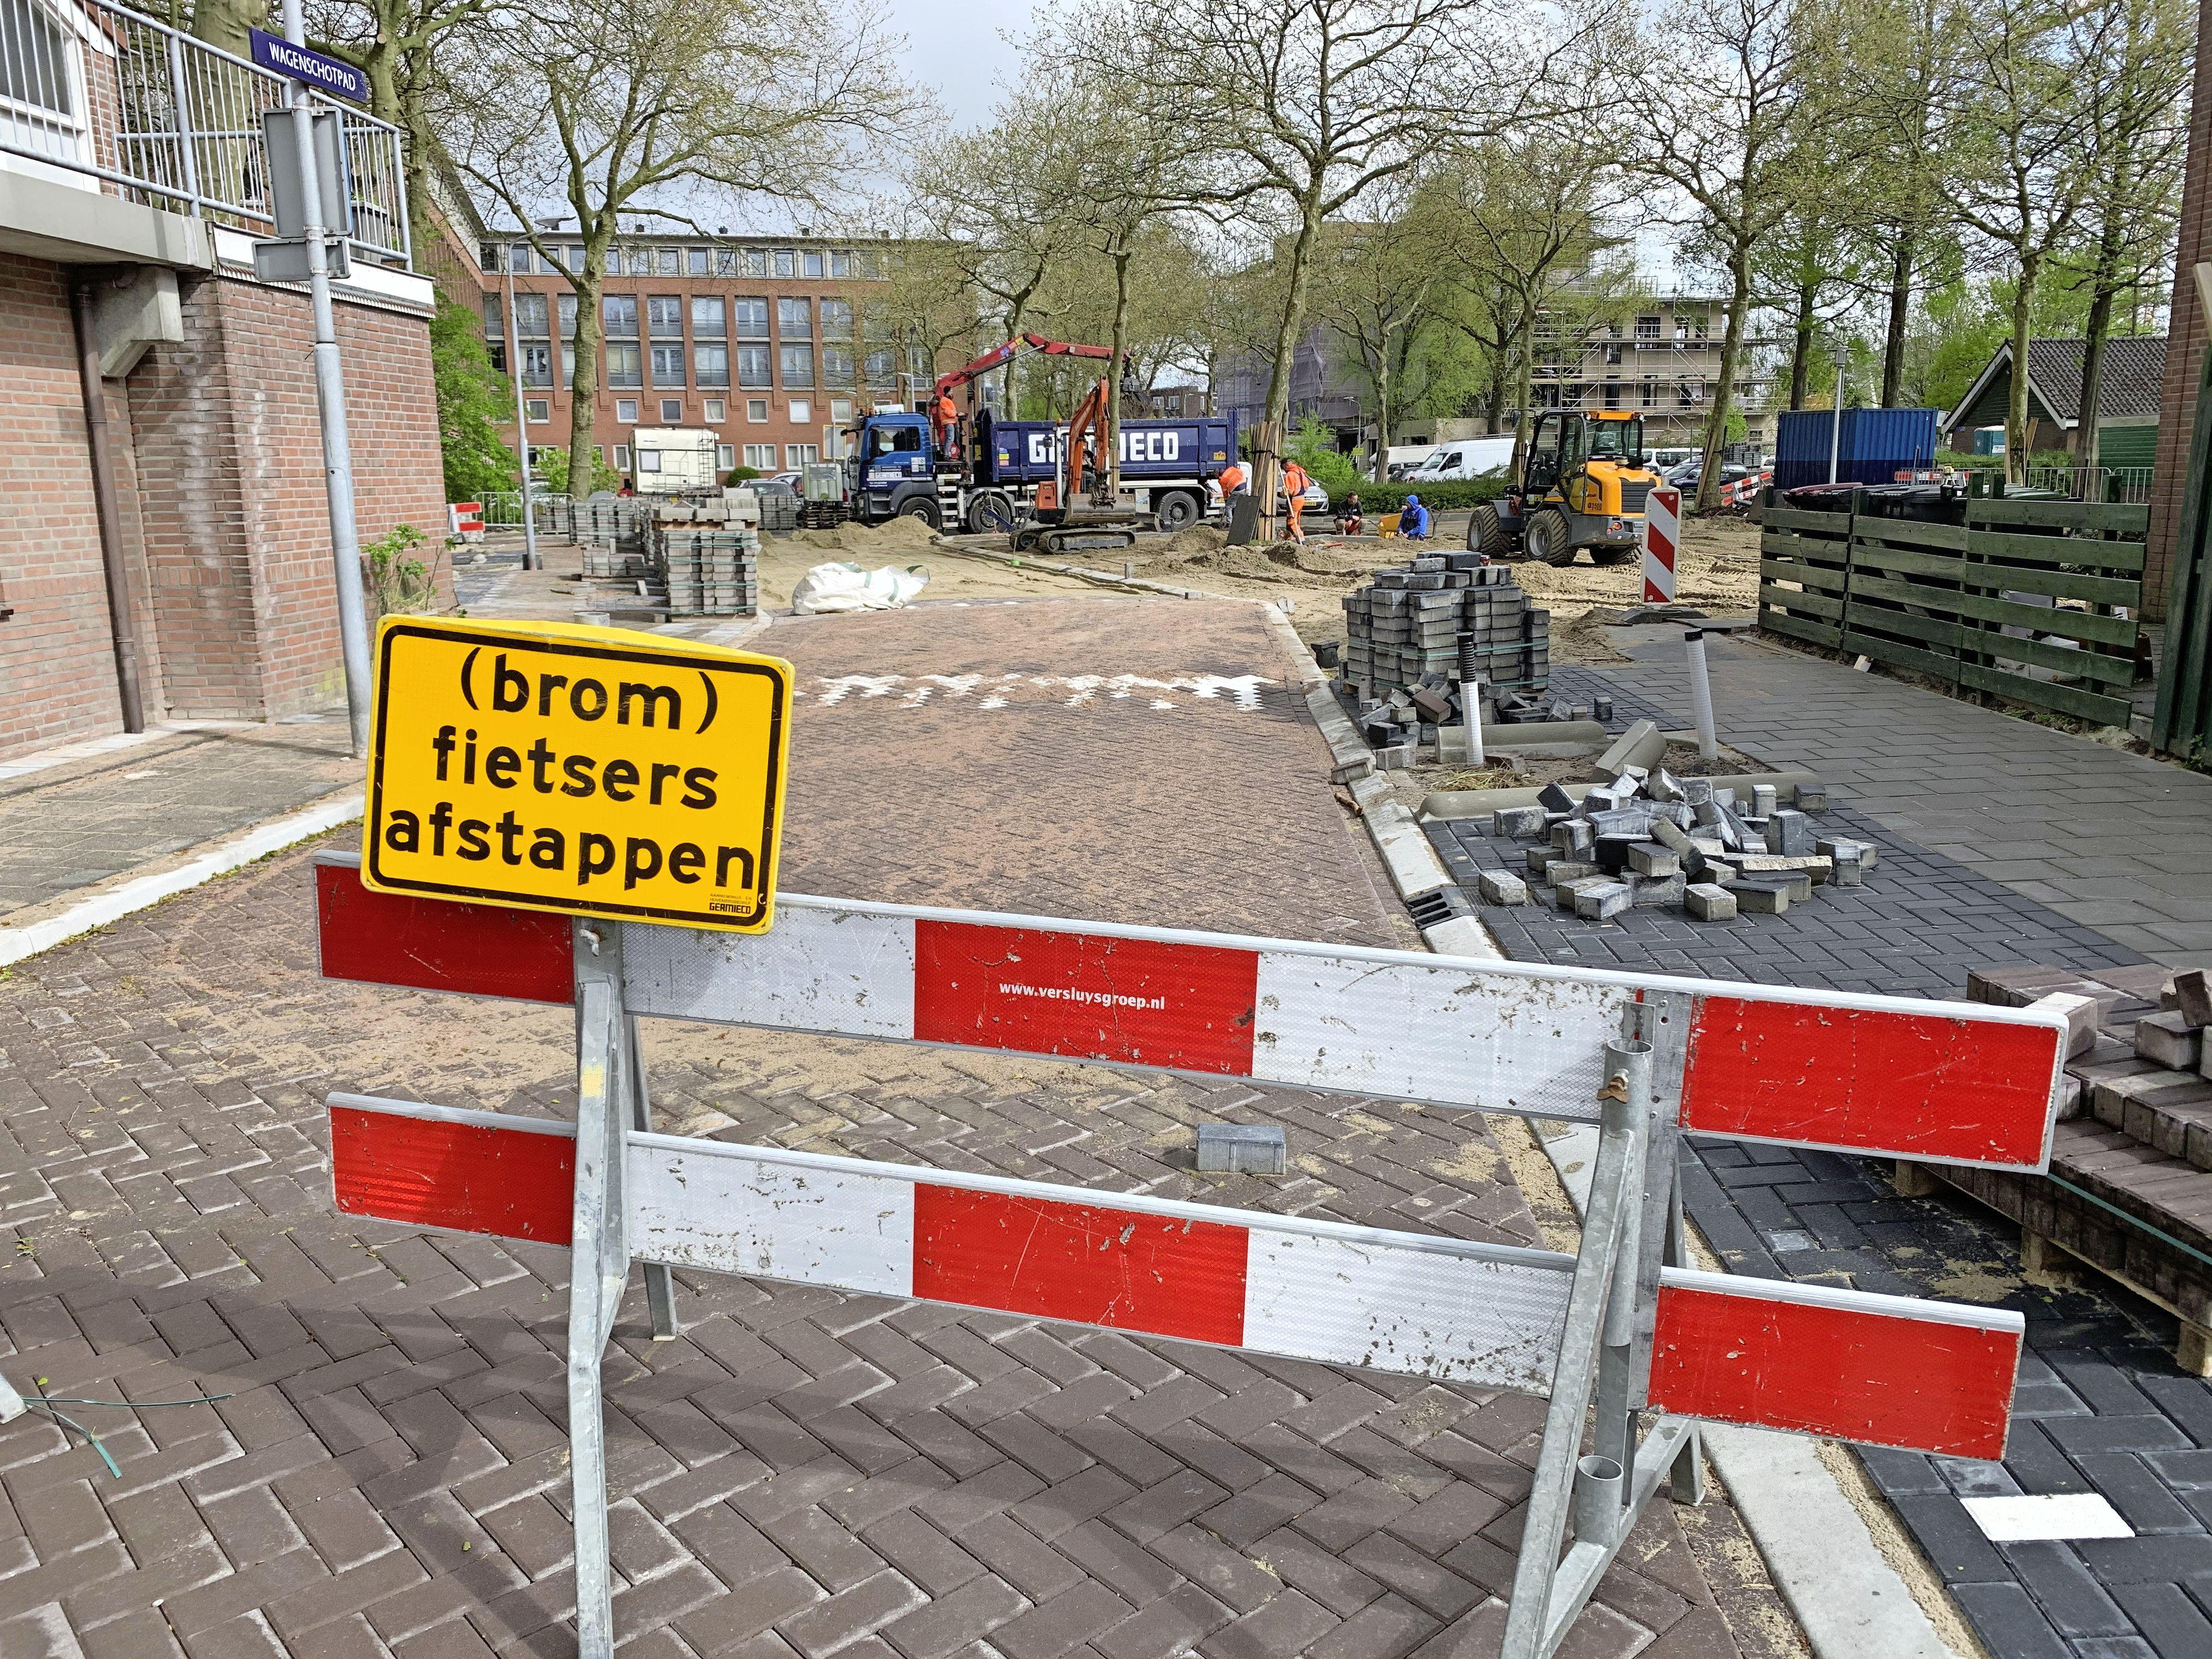 Fietsersbond Zaanstreek wil van gemeente meer aandacht voor veiligheid fietsers: 'Niets gevraagd, terwijl wij toch de fietsersbond zijn'